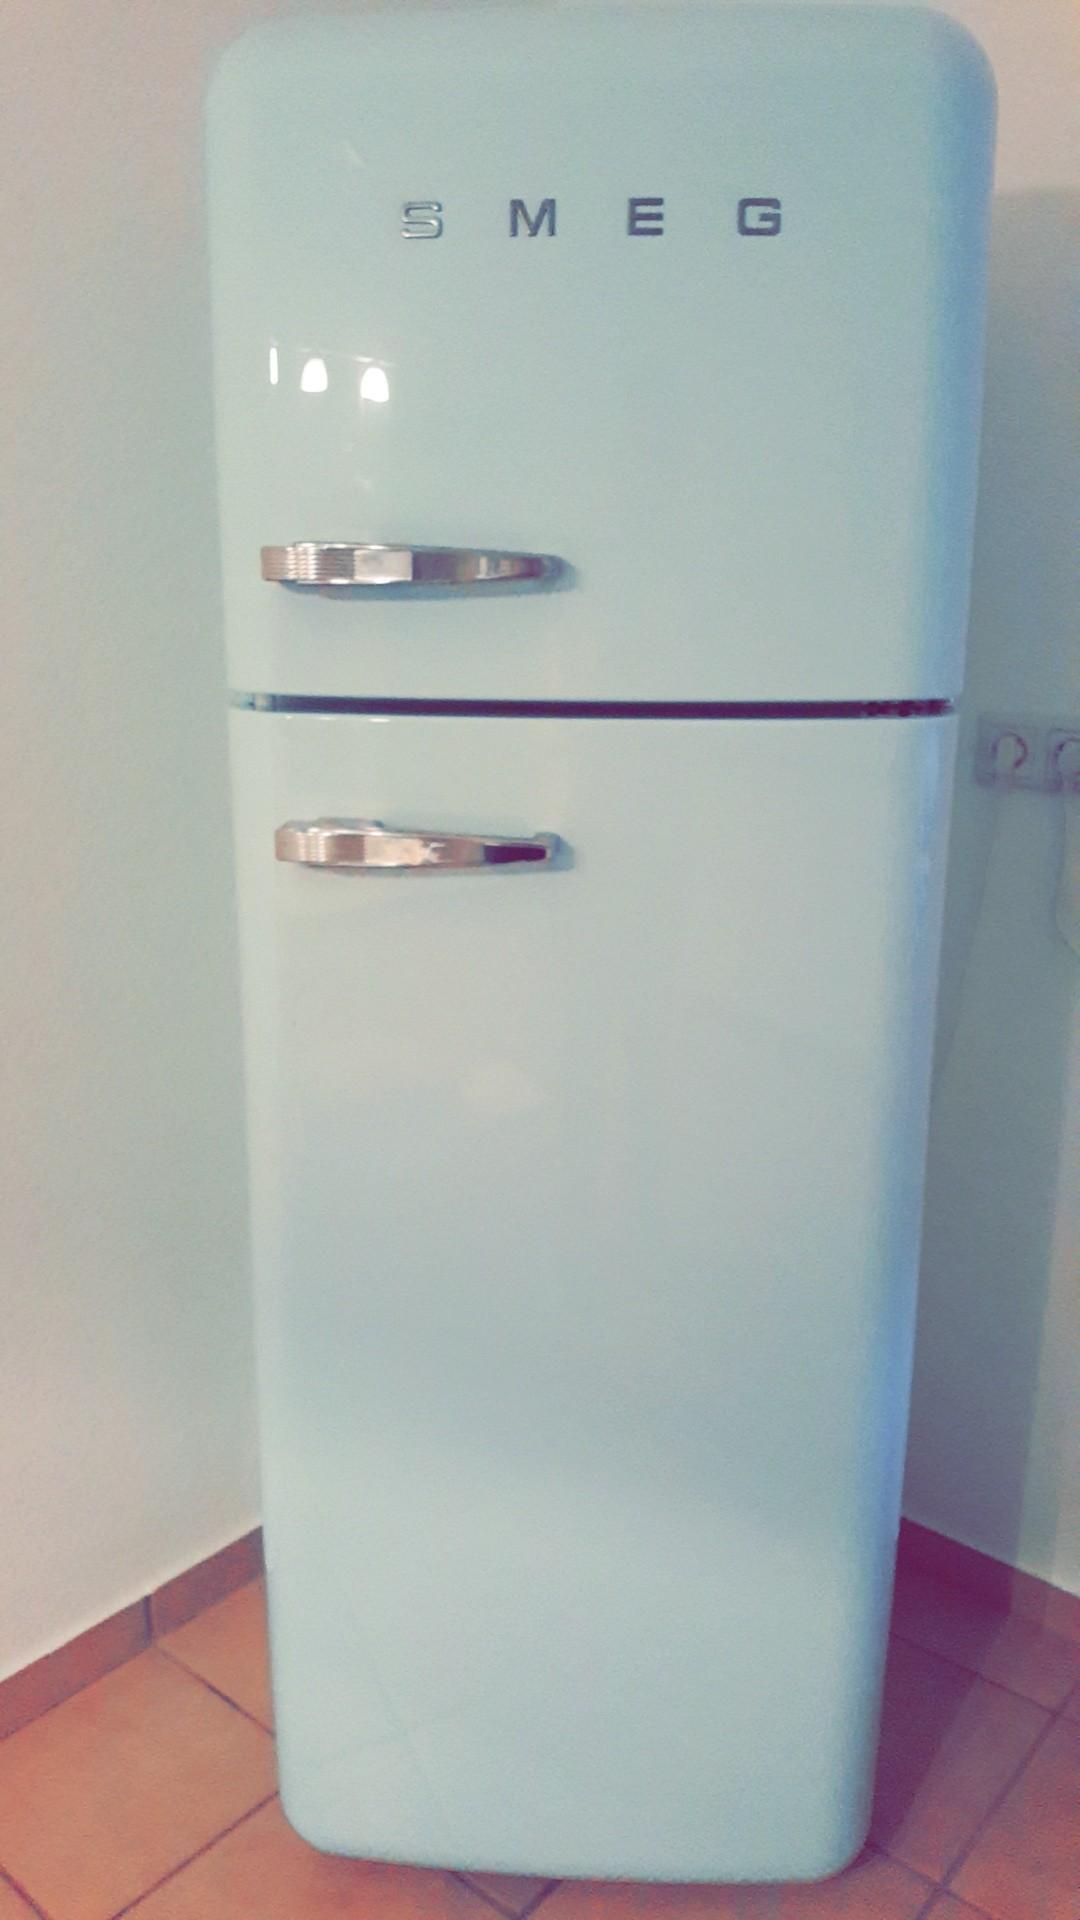 Smeg Kühlschrank Verkaufen : Gebraucht wohnungsauflösung retro smeg kühlschrank in